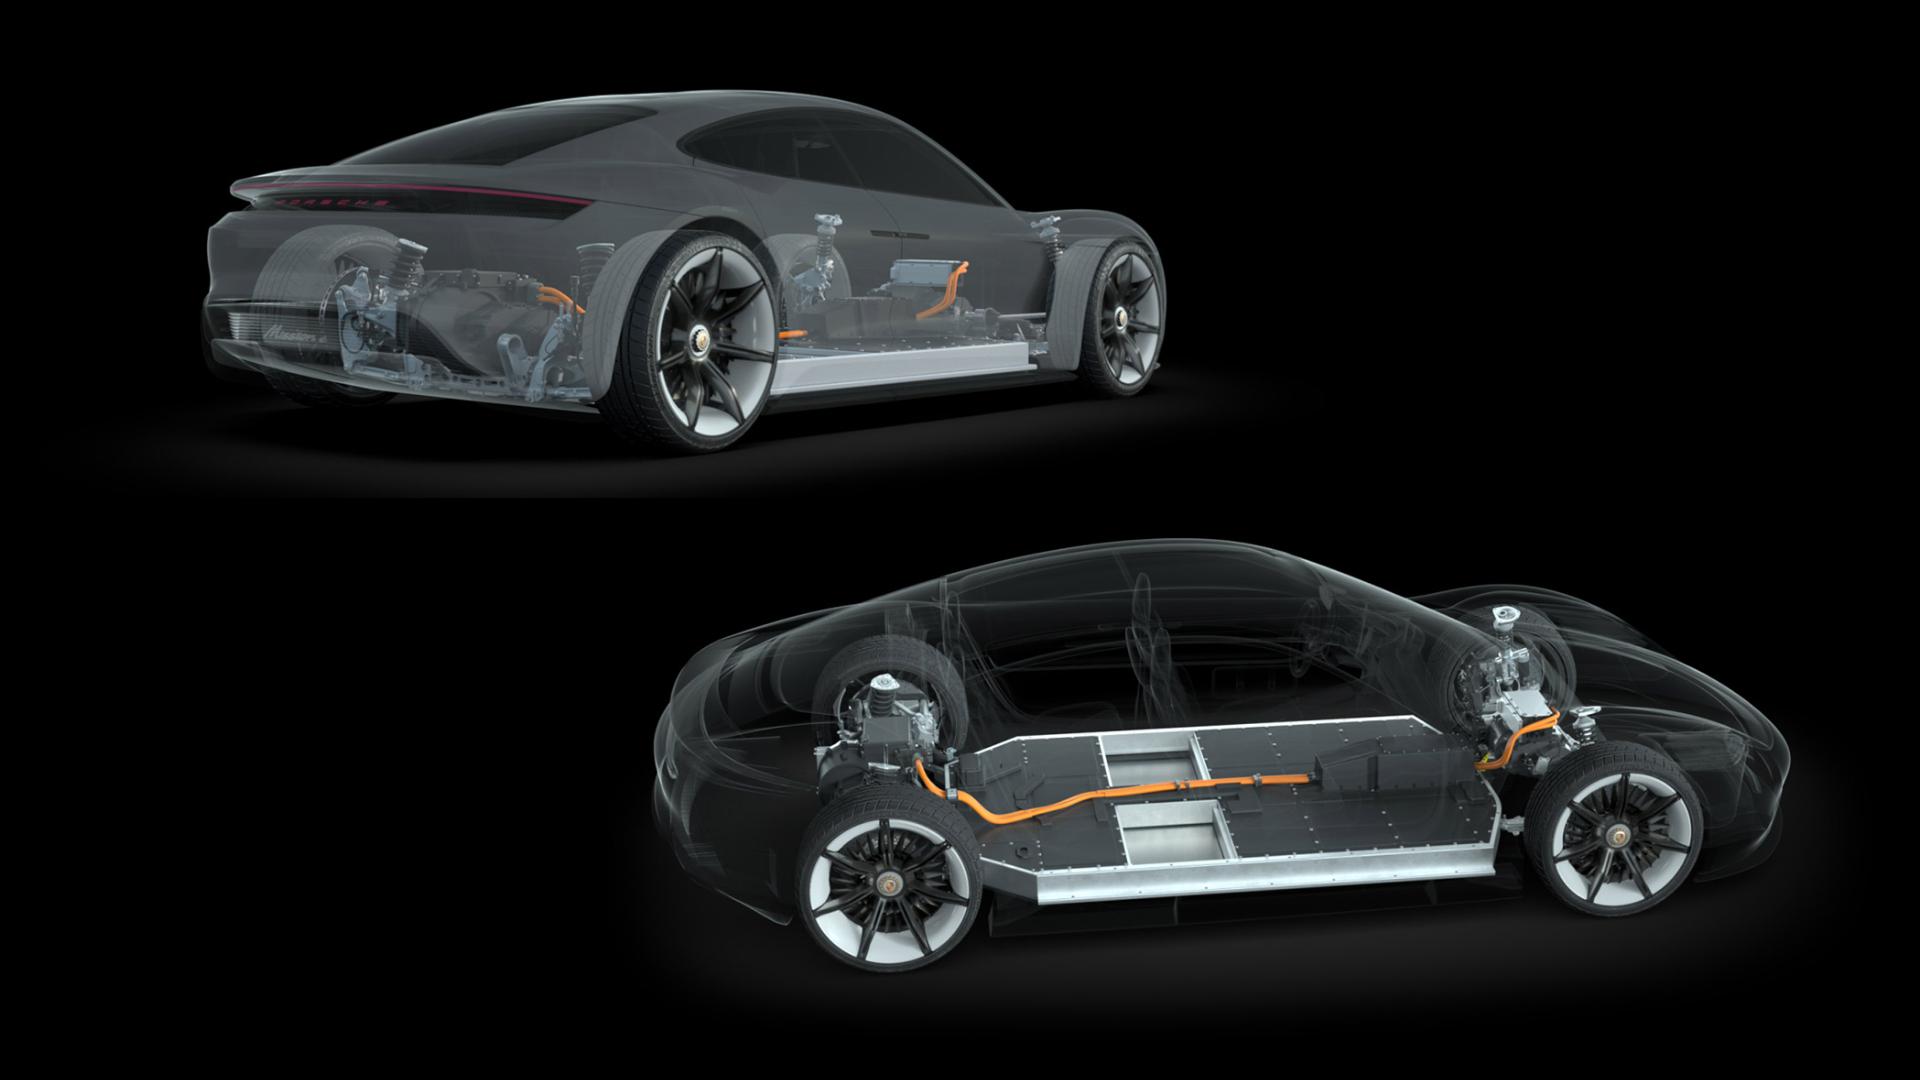 Porsche Mission E concept - power